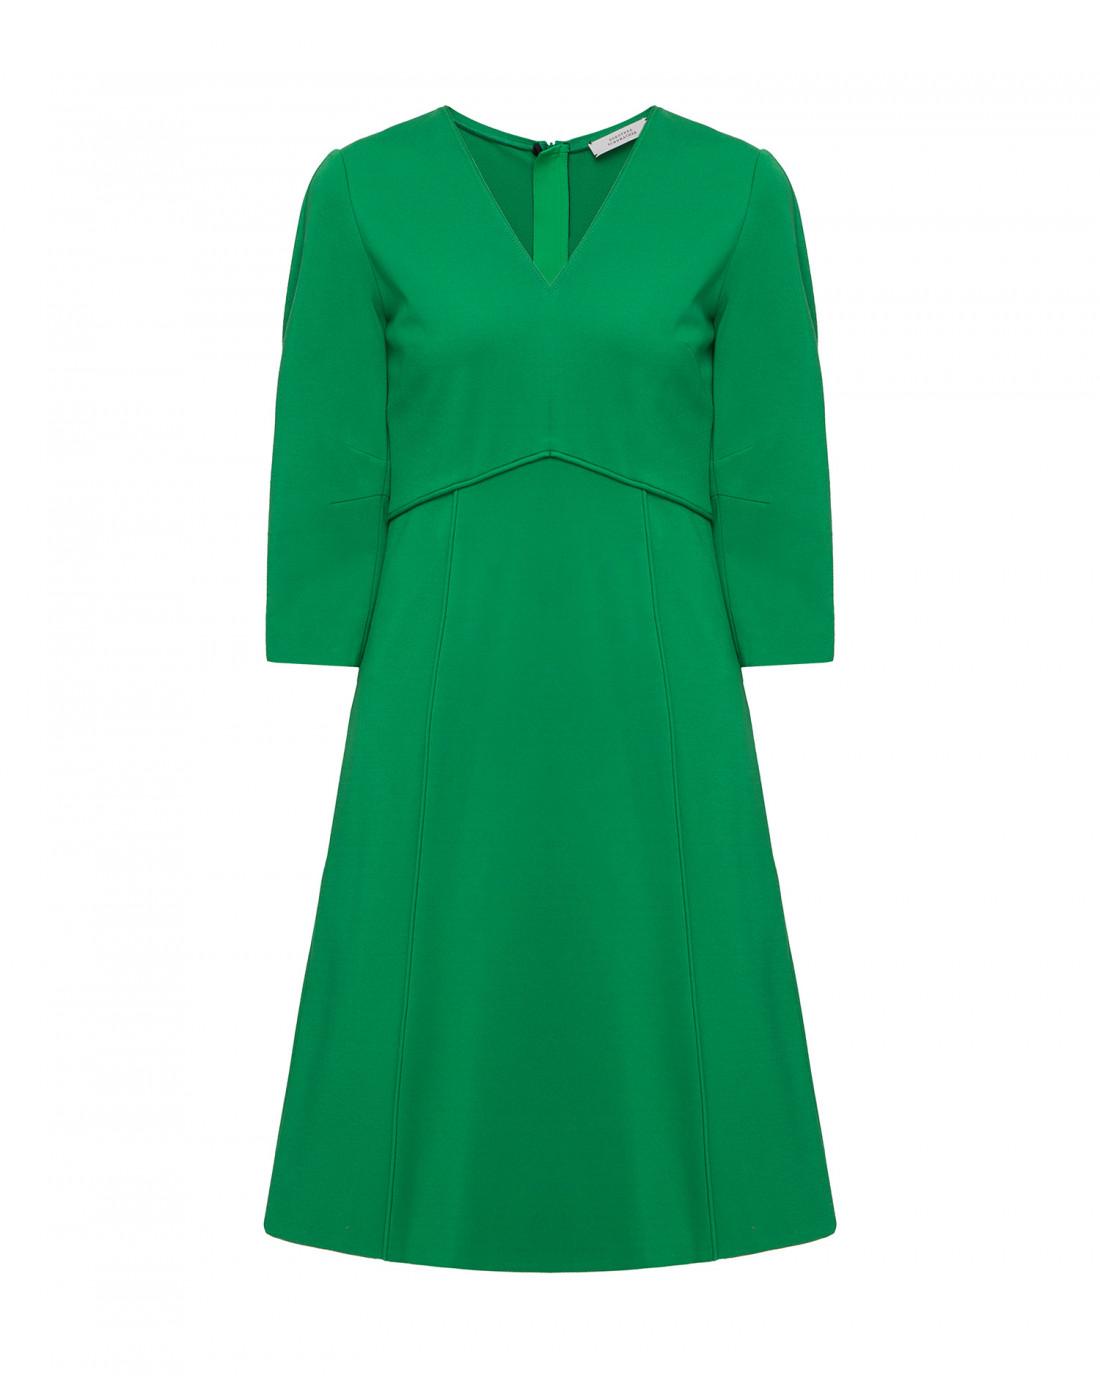 Женское зеленое платье Dorothee Schumacher S548013/562-1